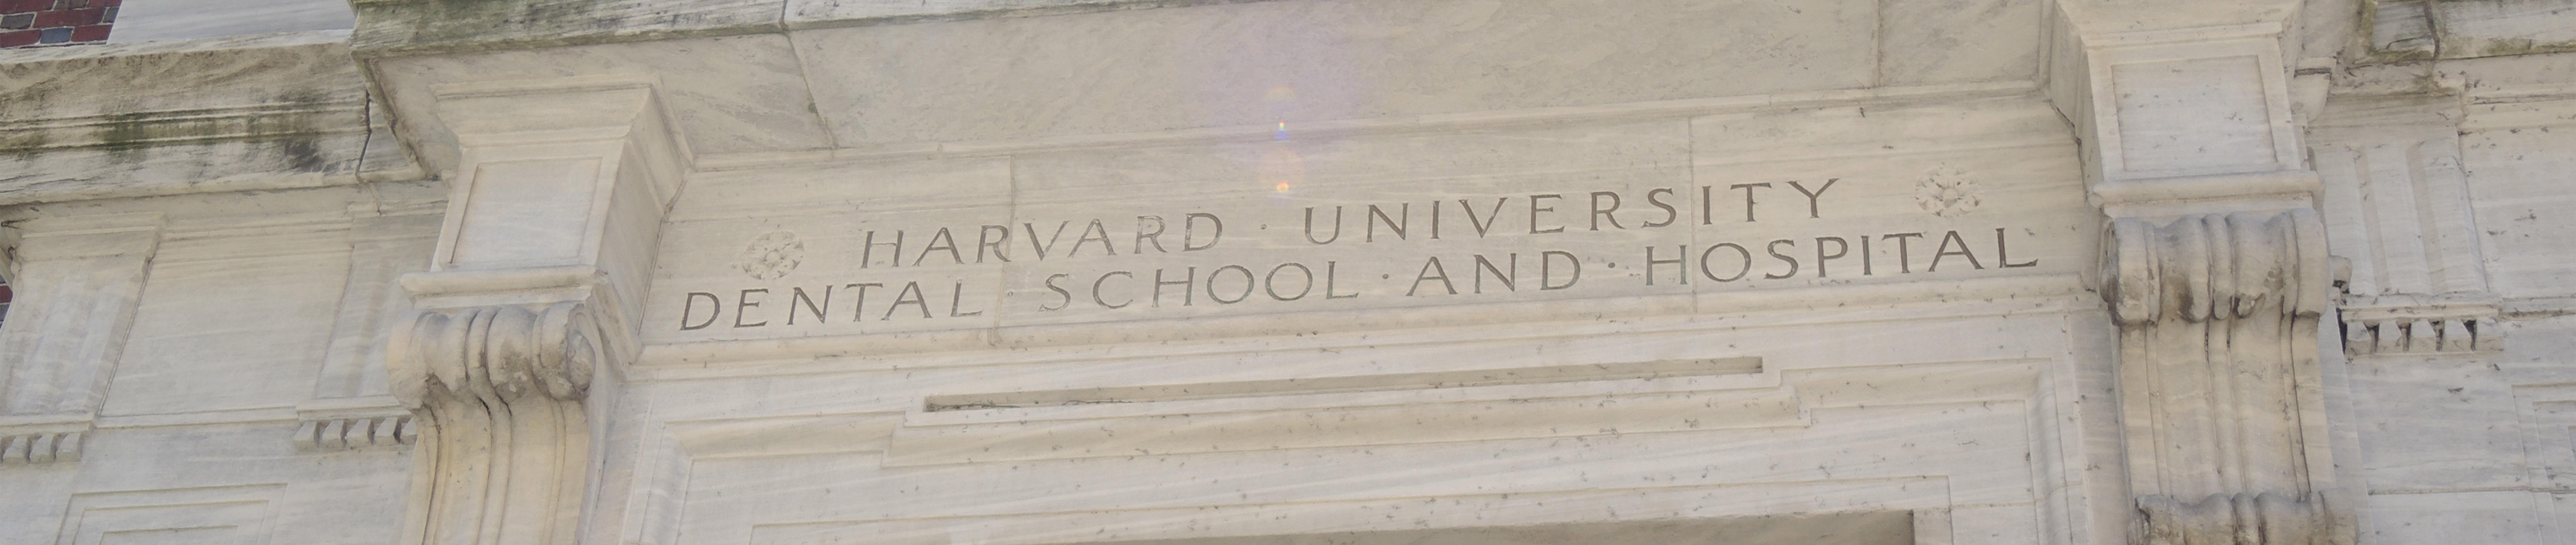 Harvard Dental School Boston